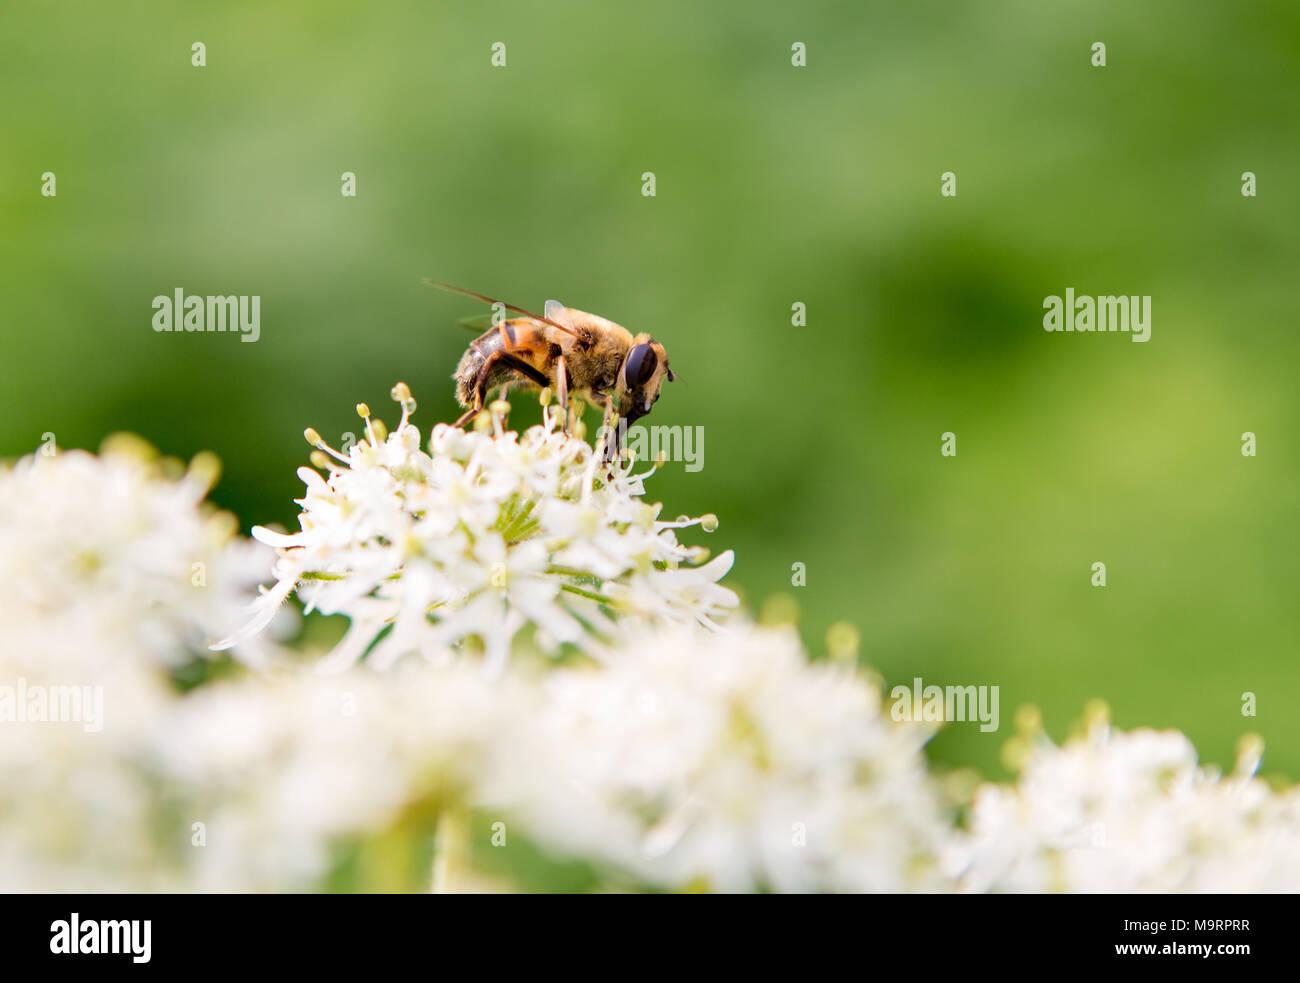 Honig Biene auf eine weisse und eine gelbe Blume mit einem aus Focus Green Natur Hintergrund. Stockbild